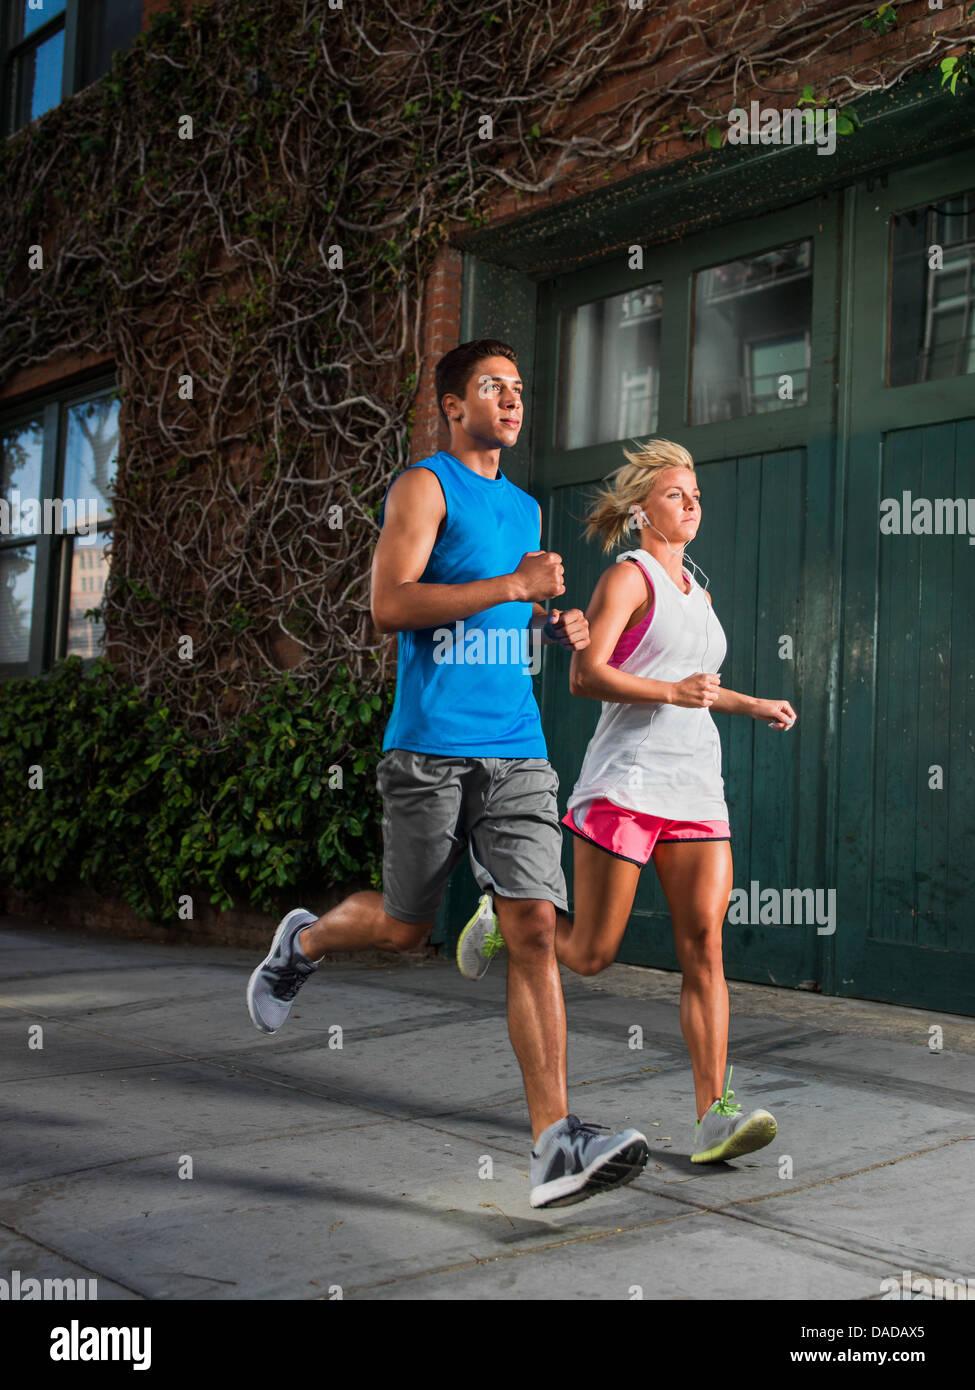 Junger Mann und junge Frau läuft auf städtischen Straße Stockbild